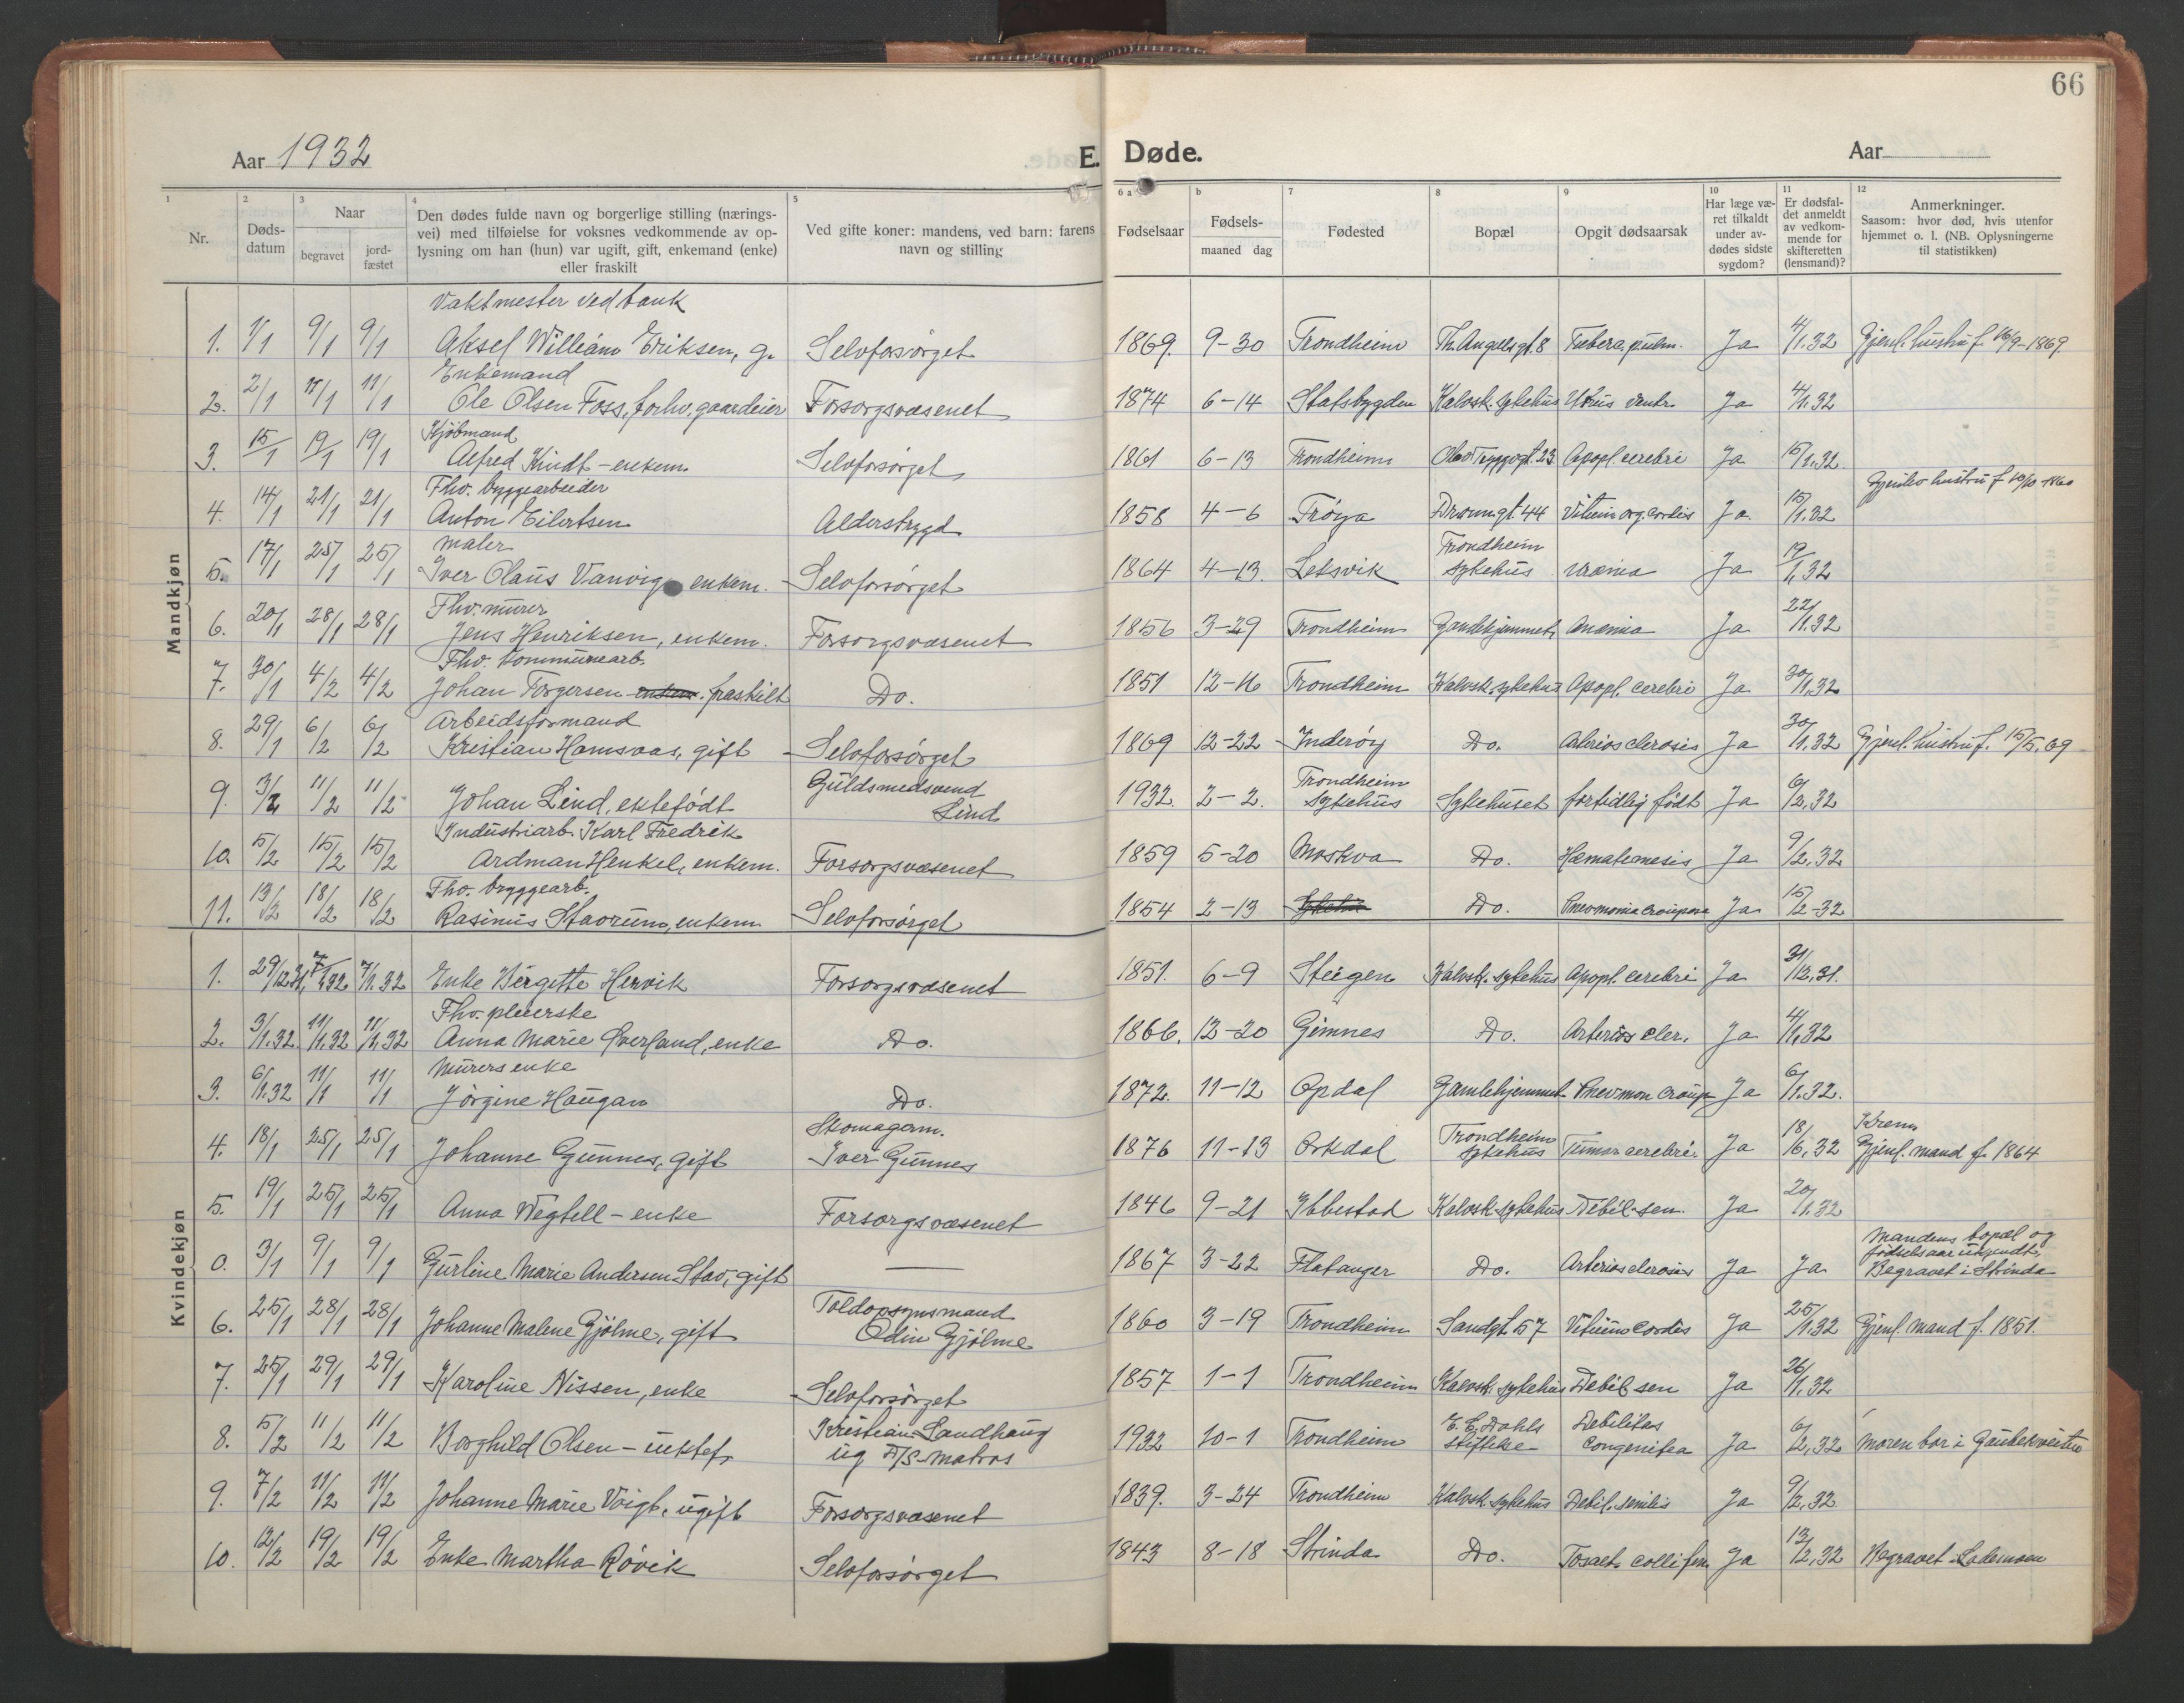 SAT, Ministerialprotokoller, klokkerbøker og fødselsregistre - Sør-Trøndelag, 602/L0150: Klokkerbok nr. 602C18, 1922-1949, s. 66